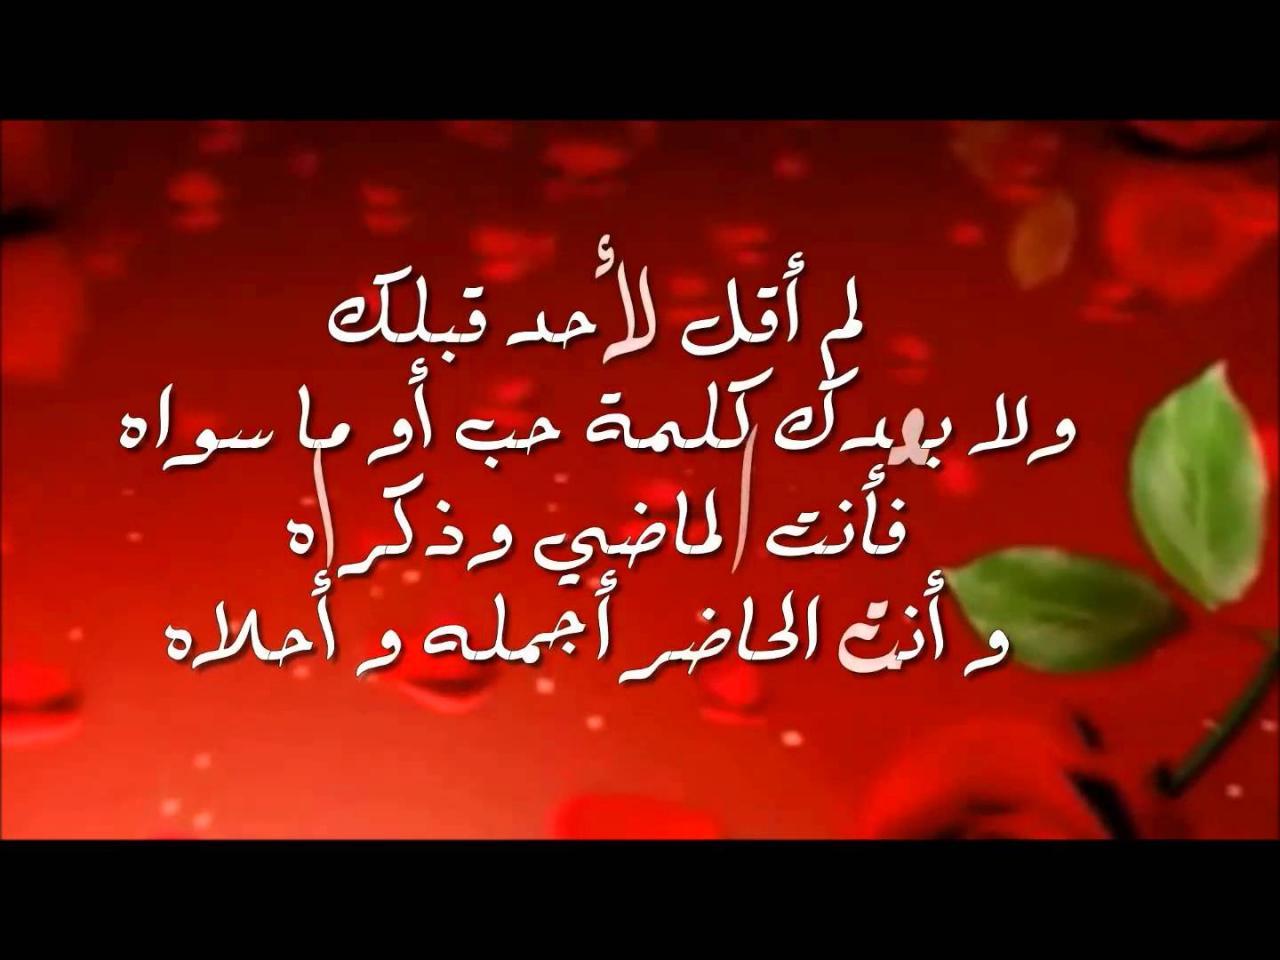 صورة بطاقات شوق للحبيب , الحب وكلمات بسيطه